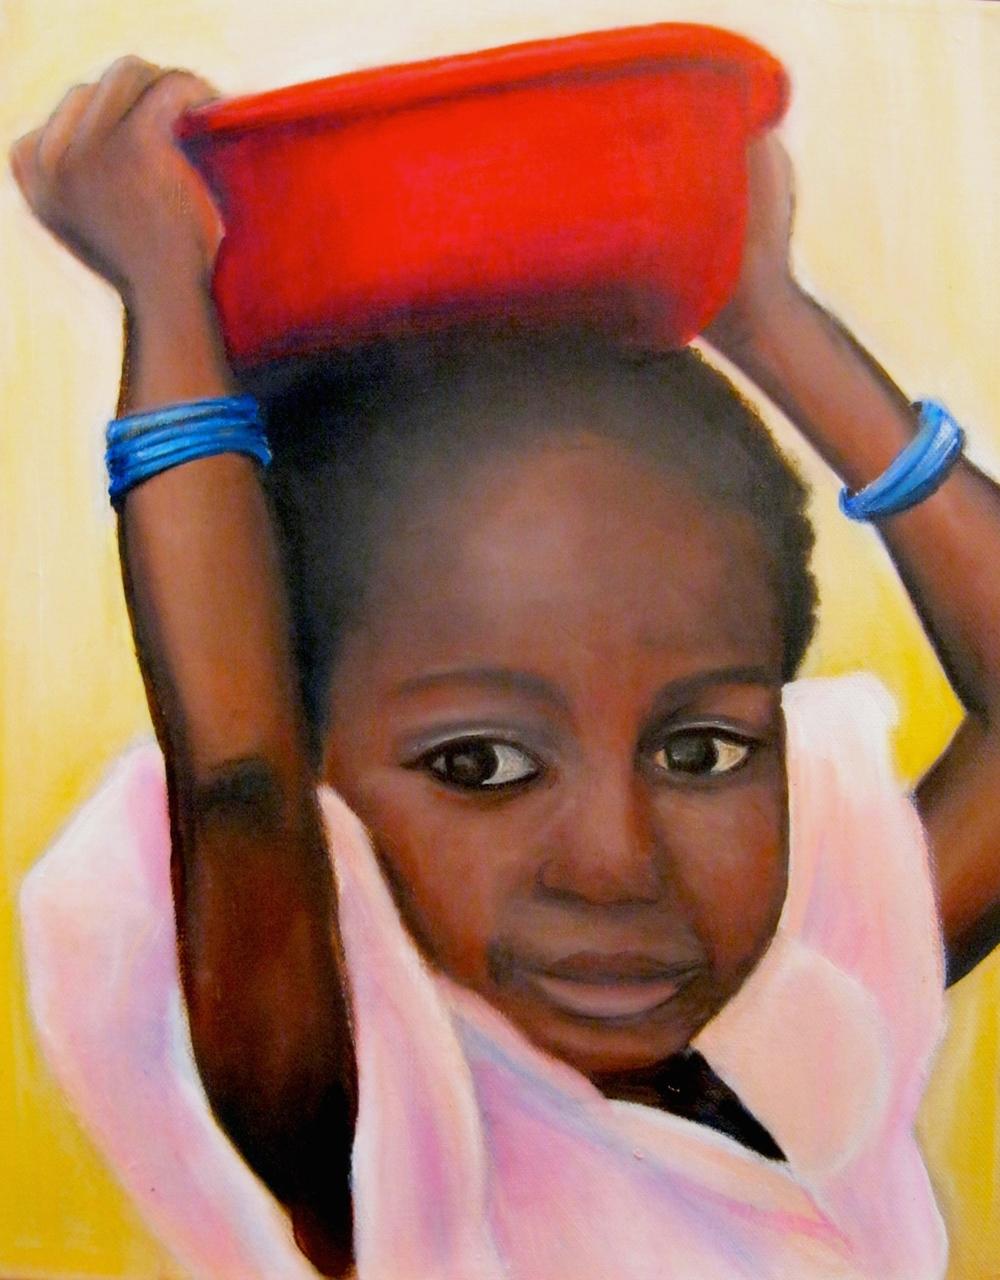 Mopti Girl (Mali)